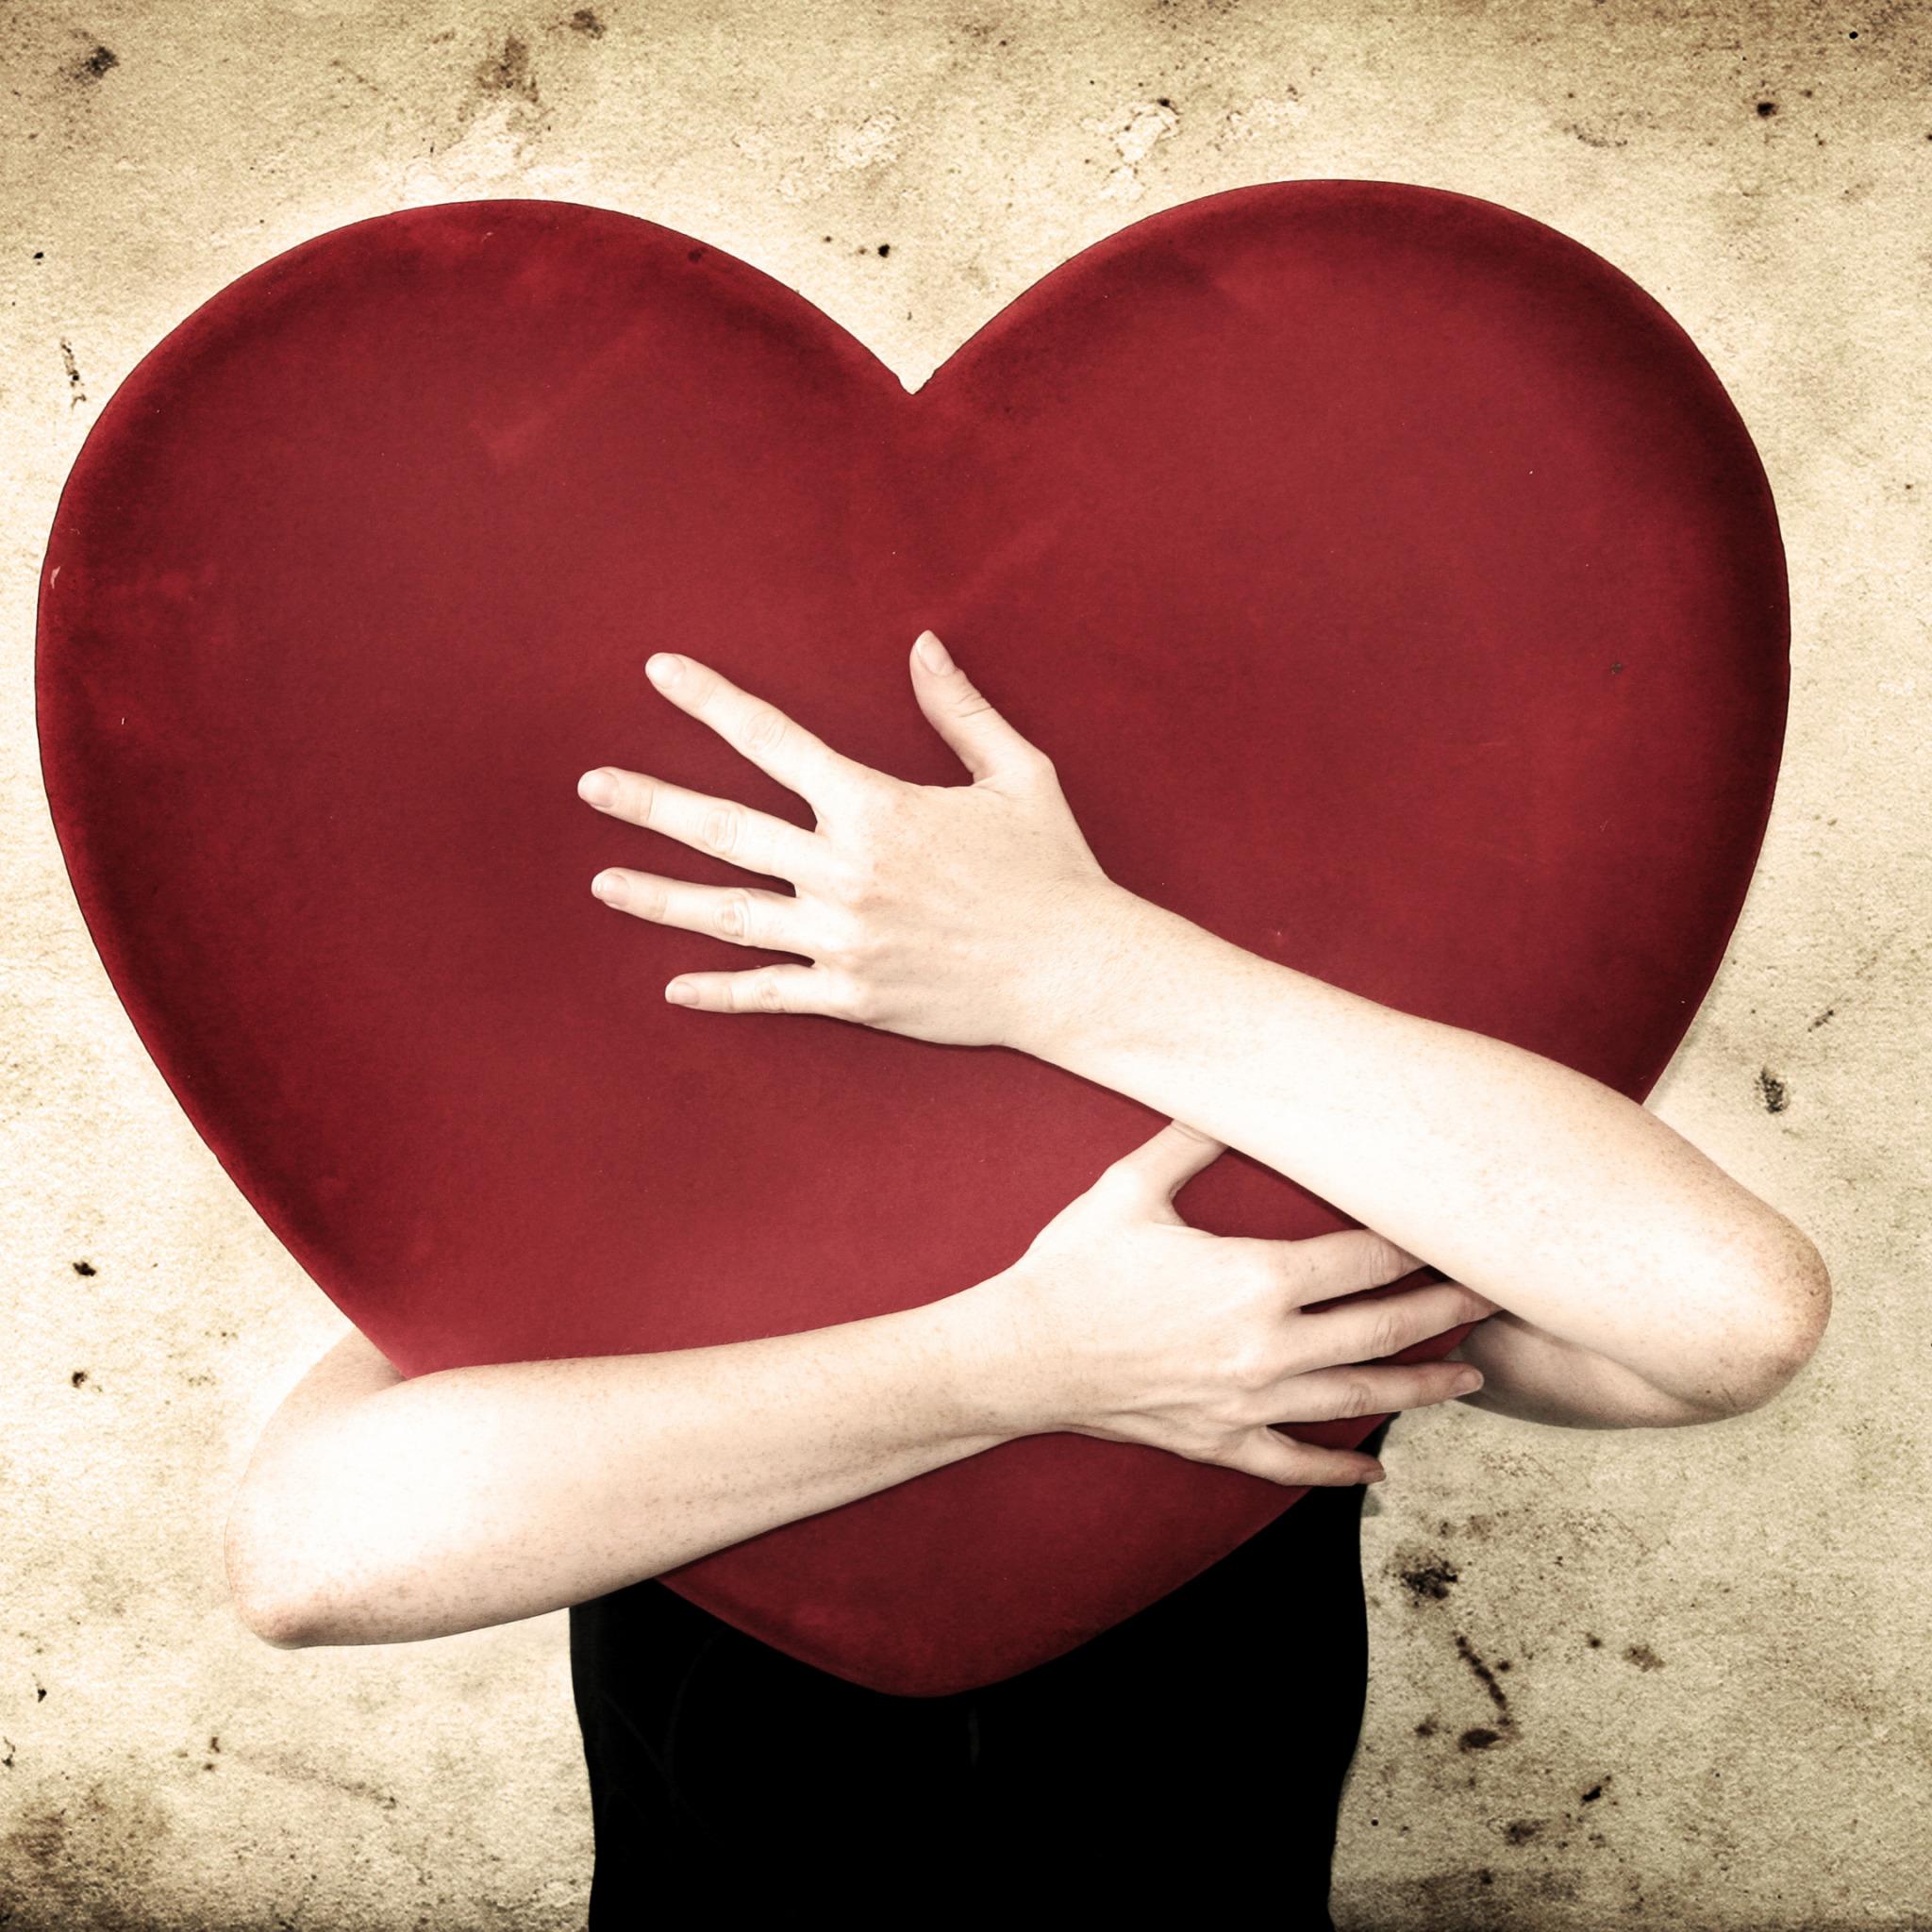 картинка сердце не билось изучаете новое